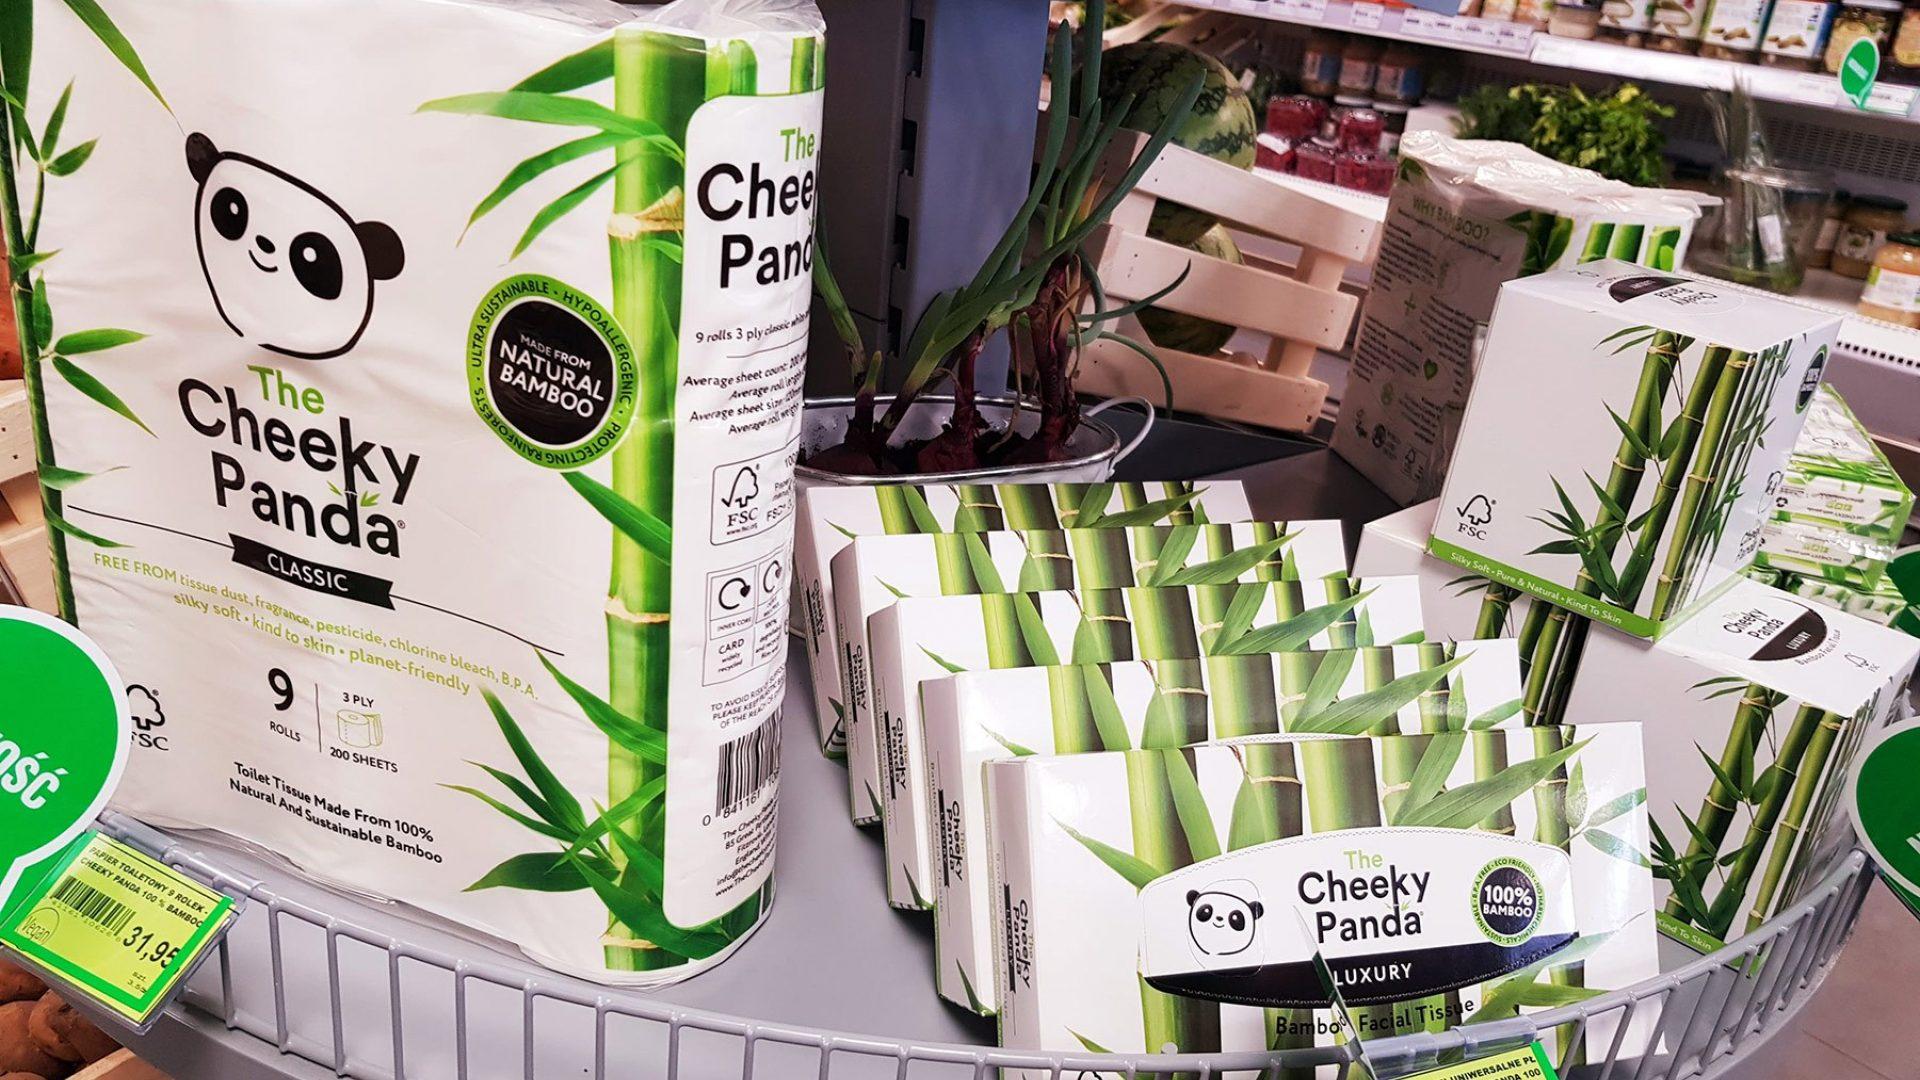 Brands cheeky panda 04